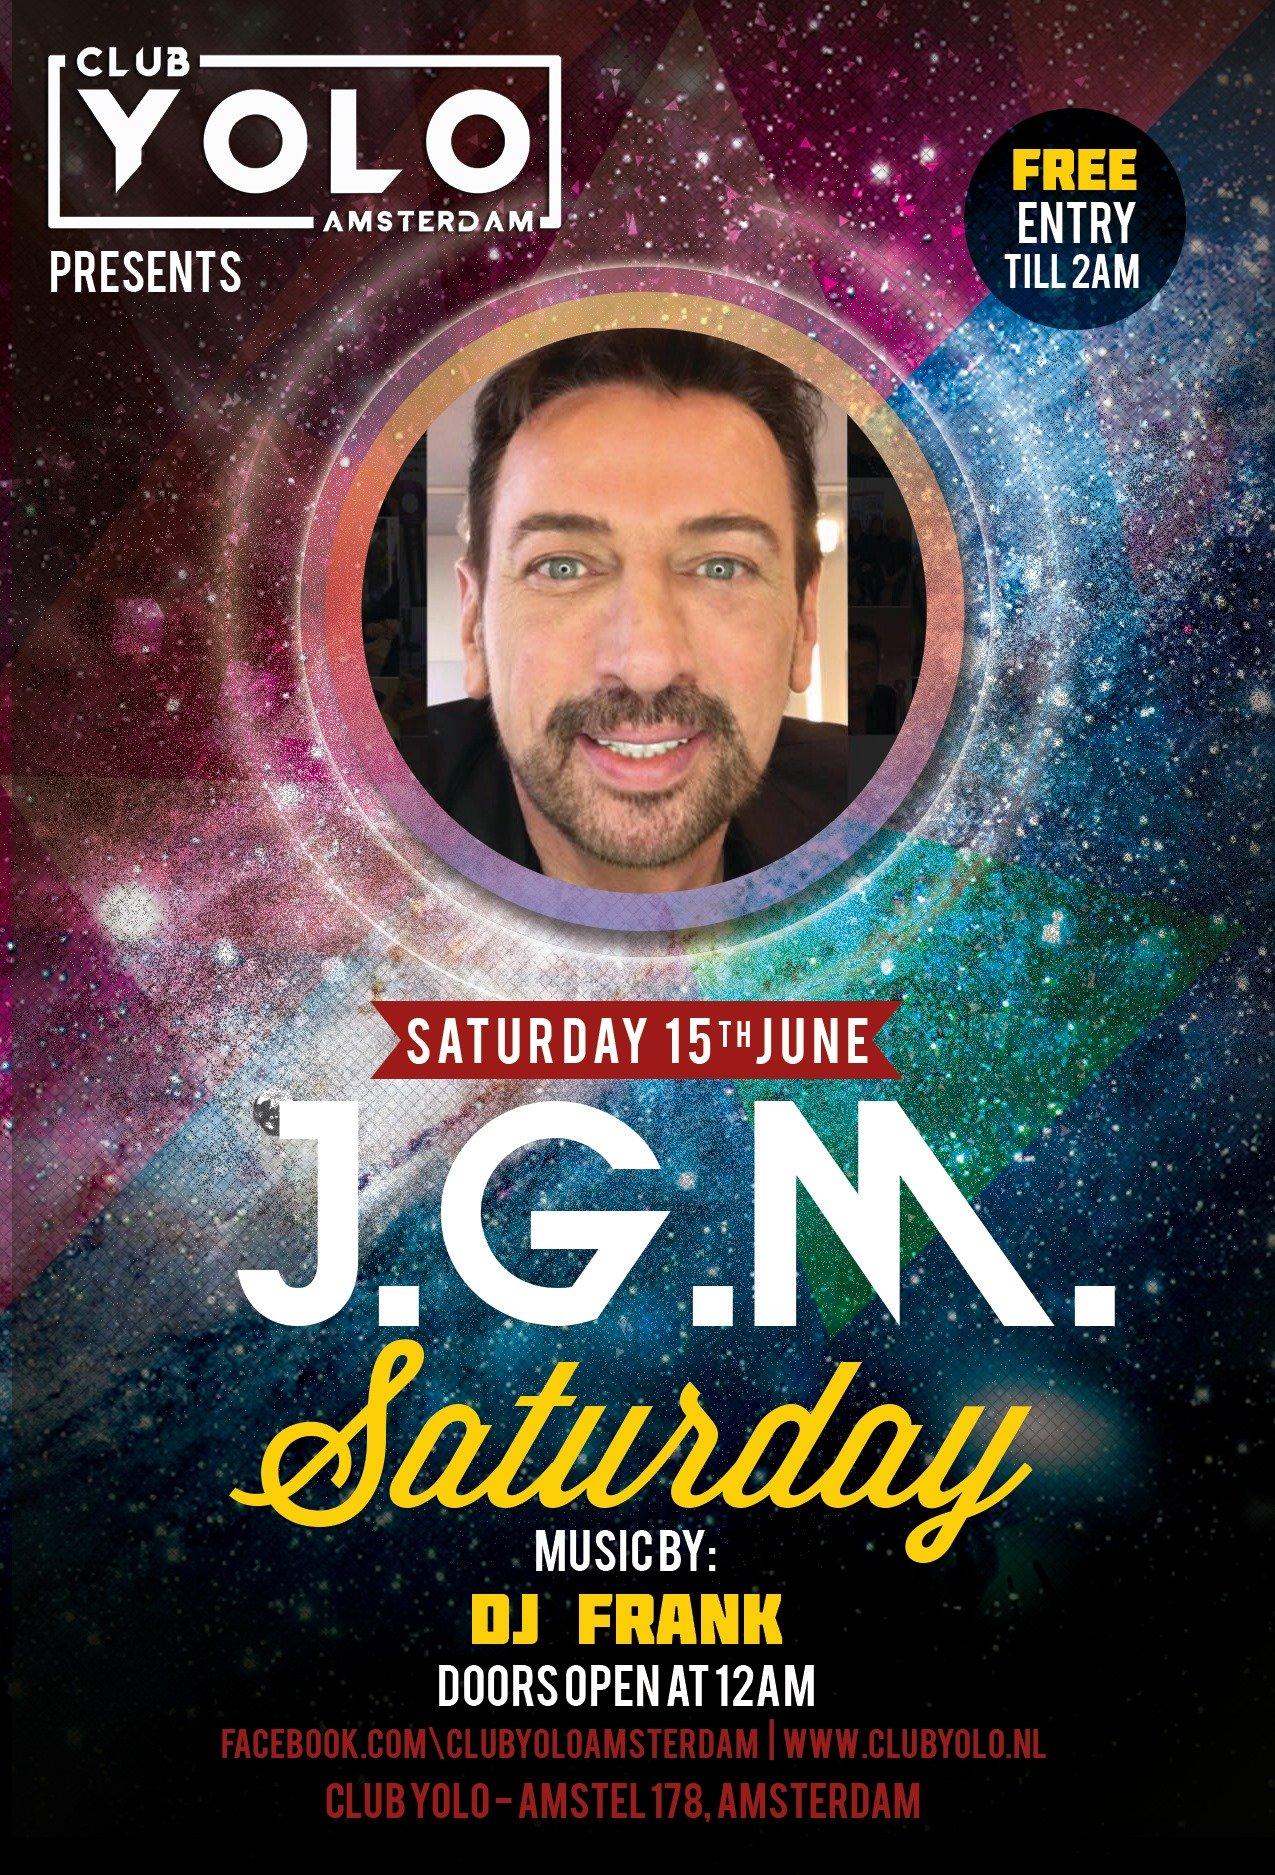 JGM with DJ Frank